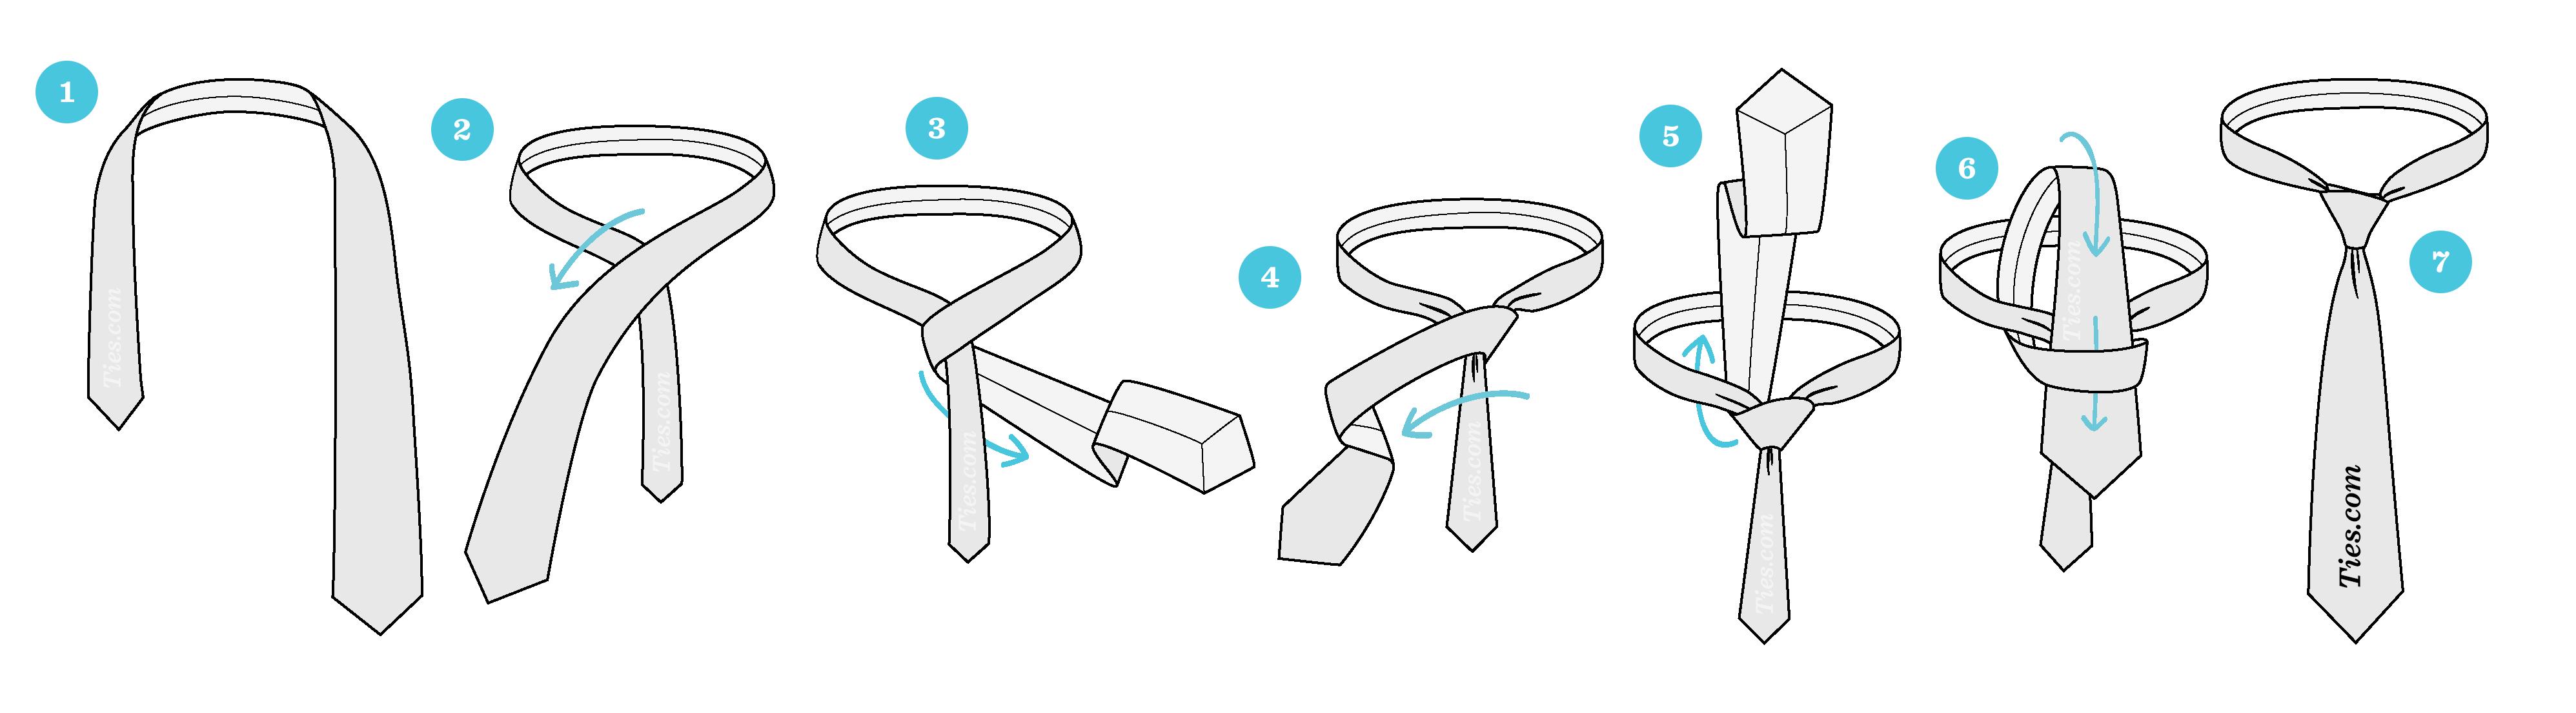 مراحل بستن کراوات یک گره